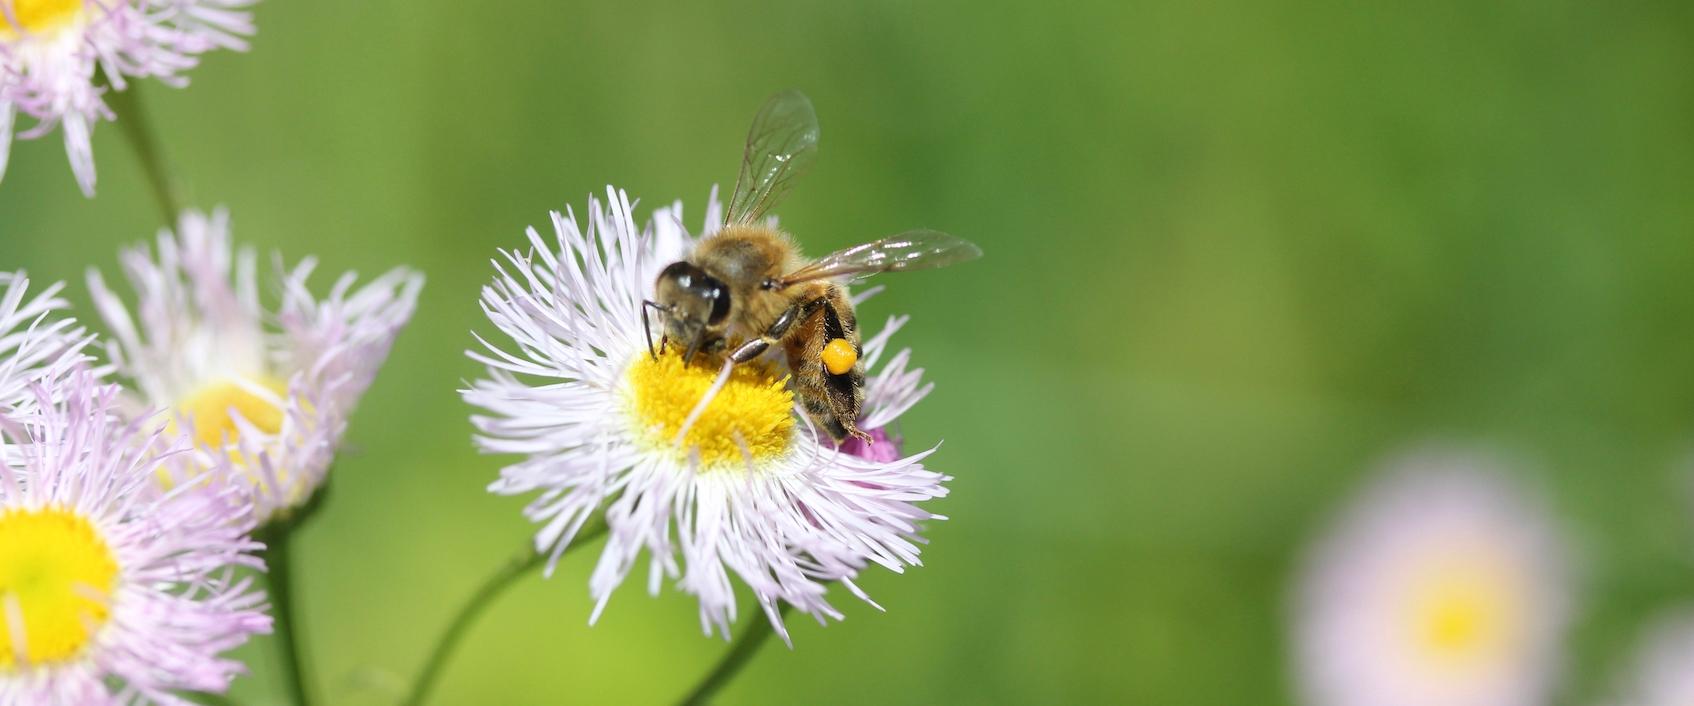 abeille aster.jpg